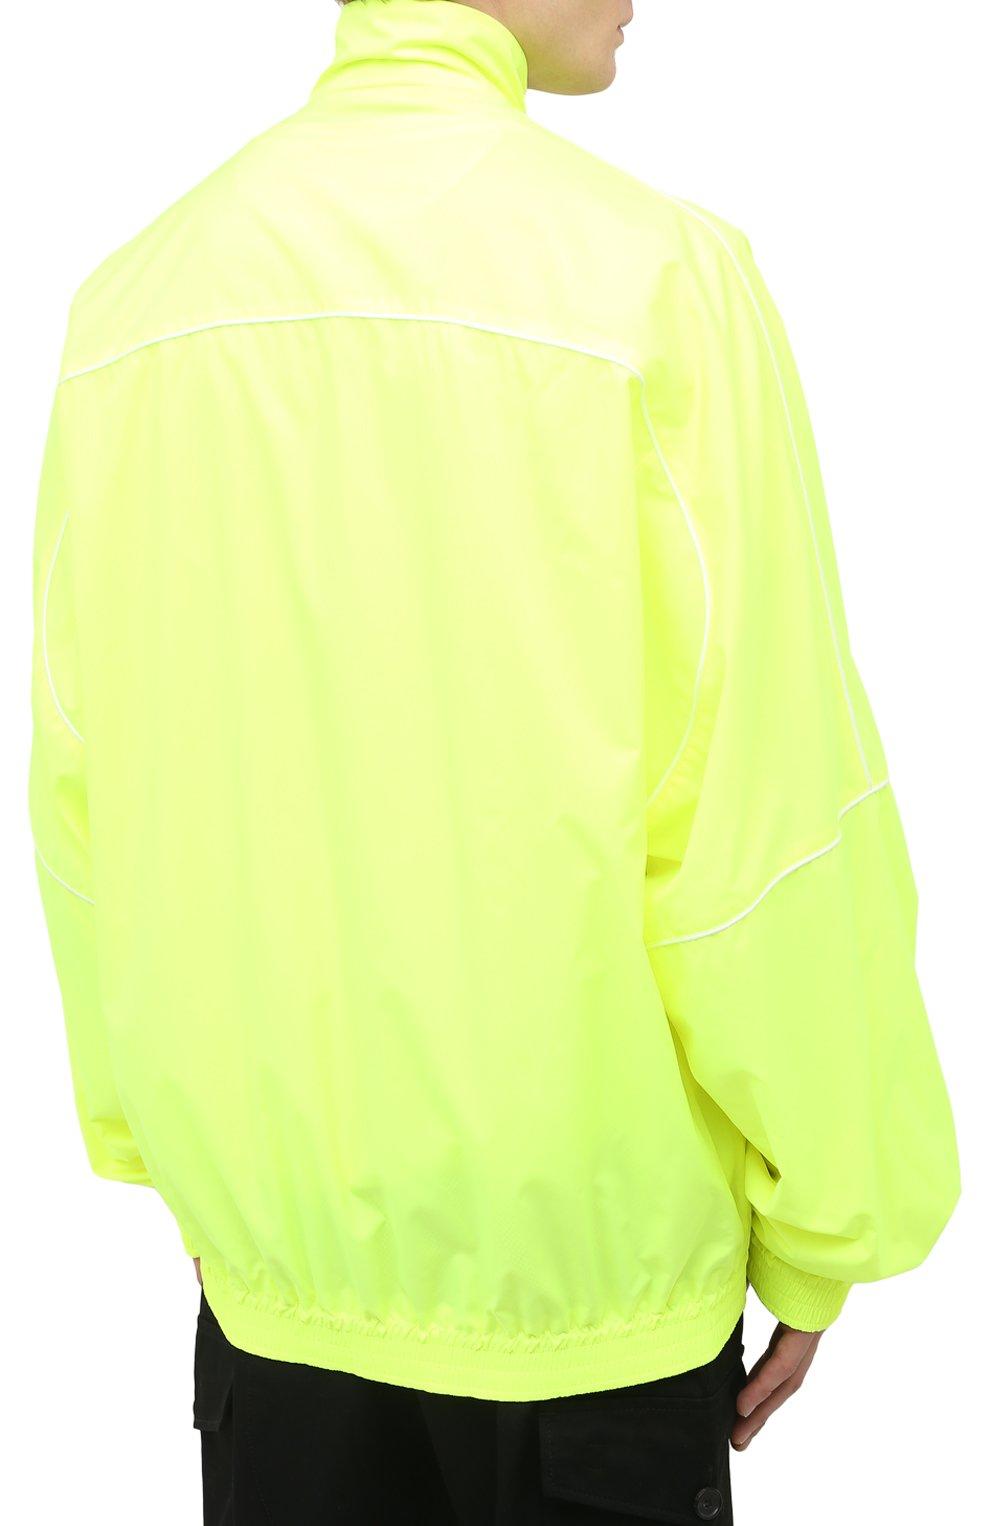 Мужской бомбер BALENCIAGA светло-зеленого цвета, арт. 642337/TJ0C1 | Фото 4 (Кросс-КТ: Куртка; Рукава: Длинные; Принт: Без принта; Длина (верхняя одежда): До середины бедра; Материал внешний: Синтетический материал; Стили: Гранж; Материал подклада: Синтетический материал)